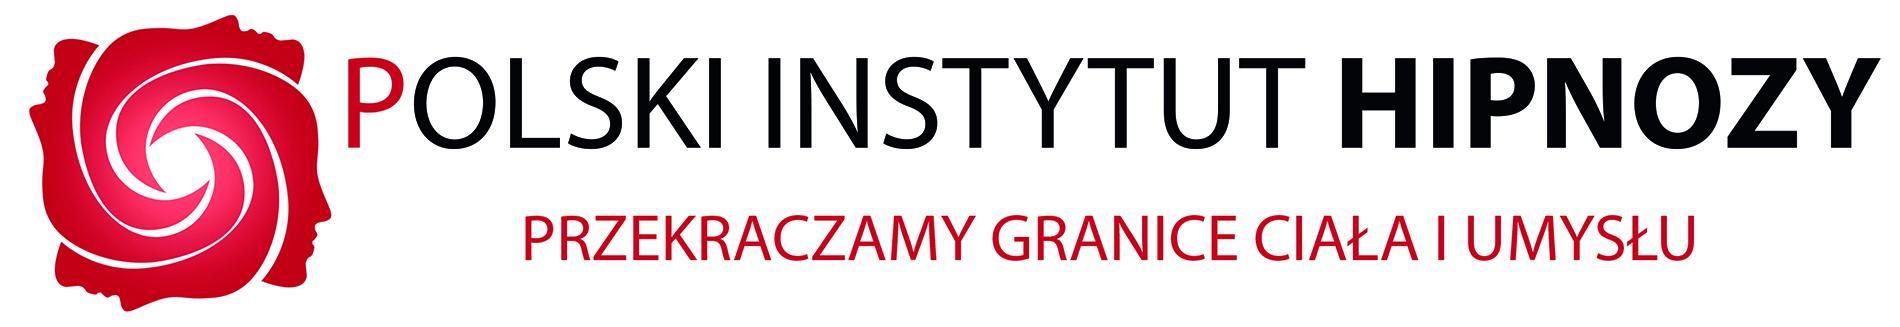 Polski Instytut Hipnozy